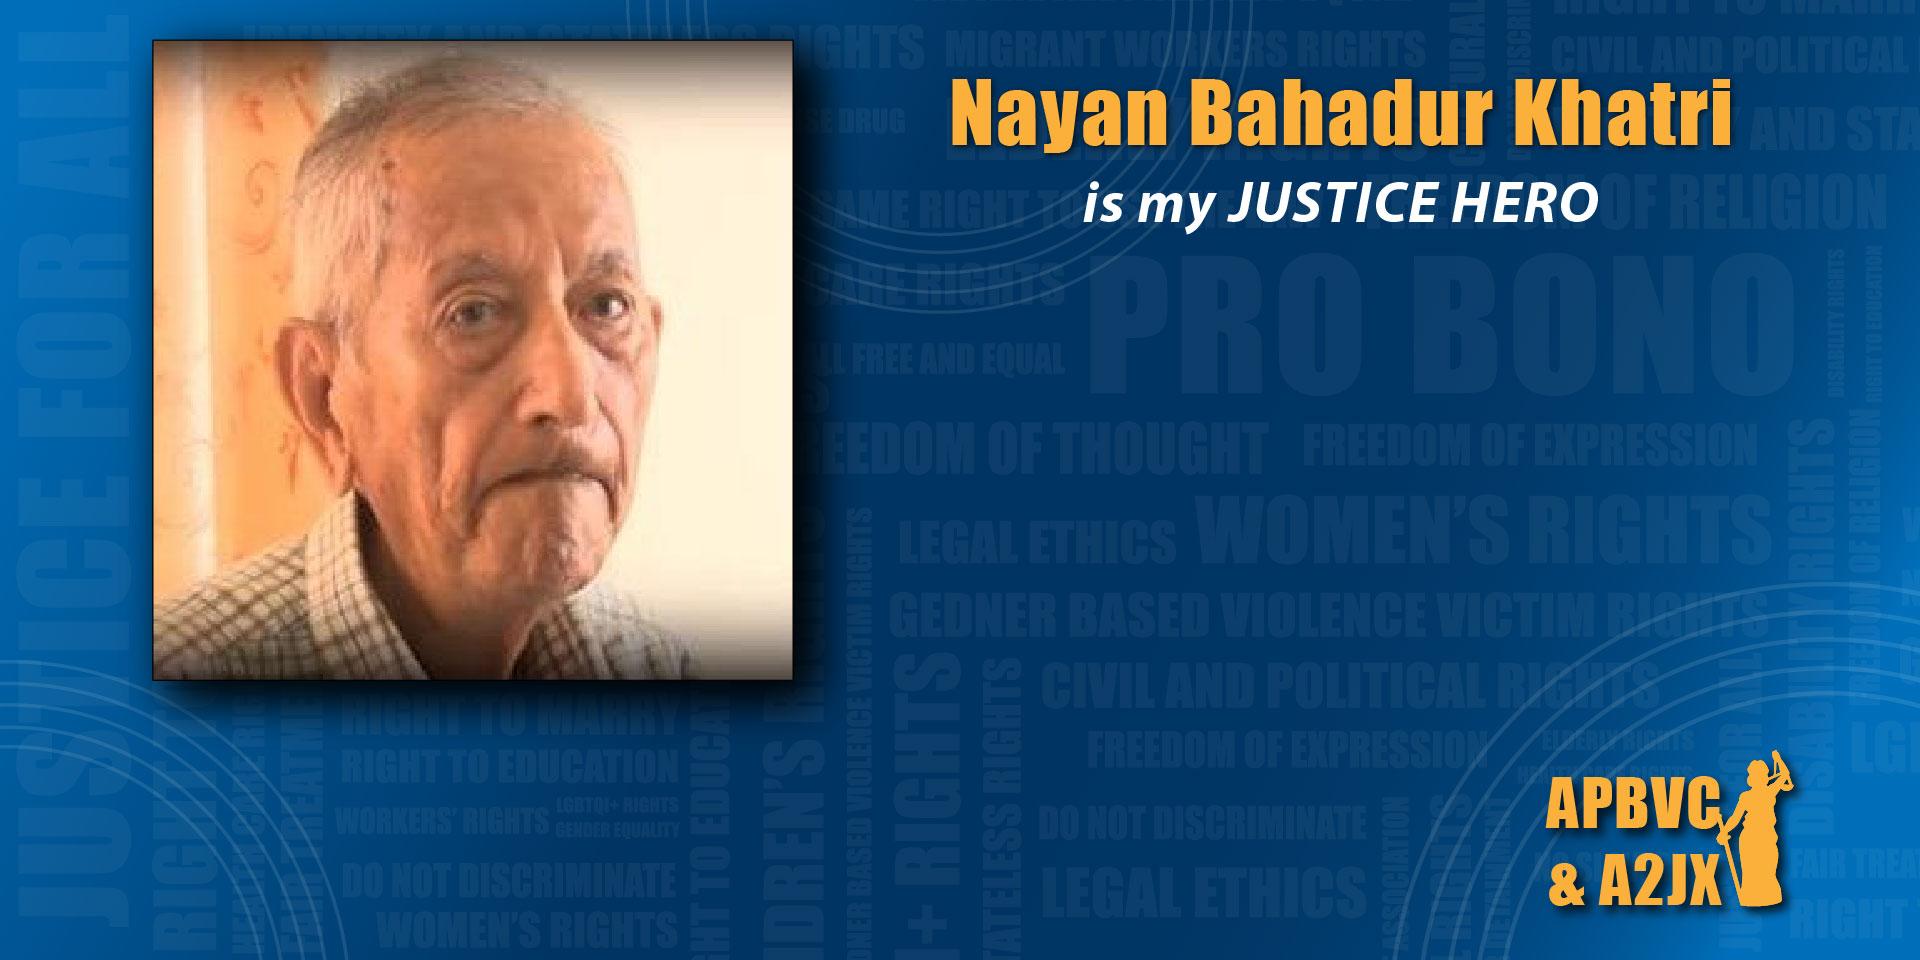 Nayan Bahadur Khatri